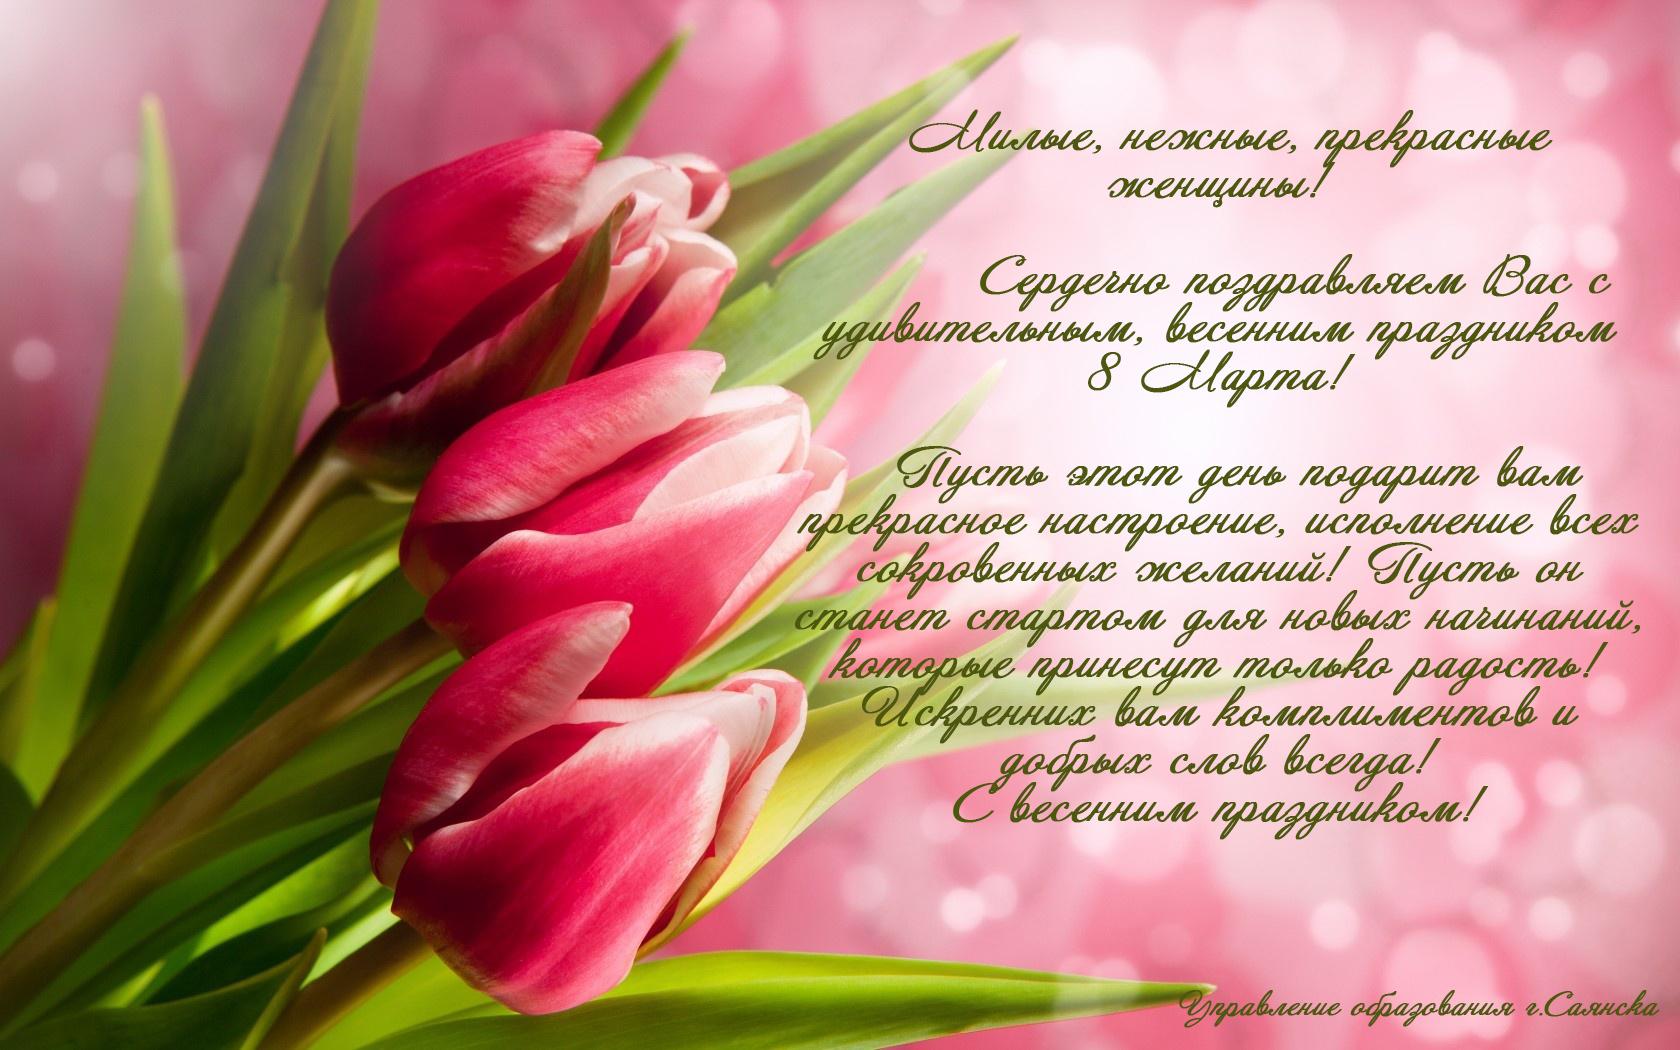 Фото поздравление с 8 марта от женщины женщине